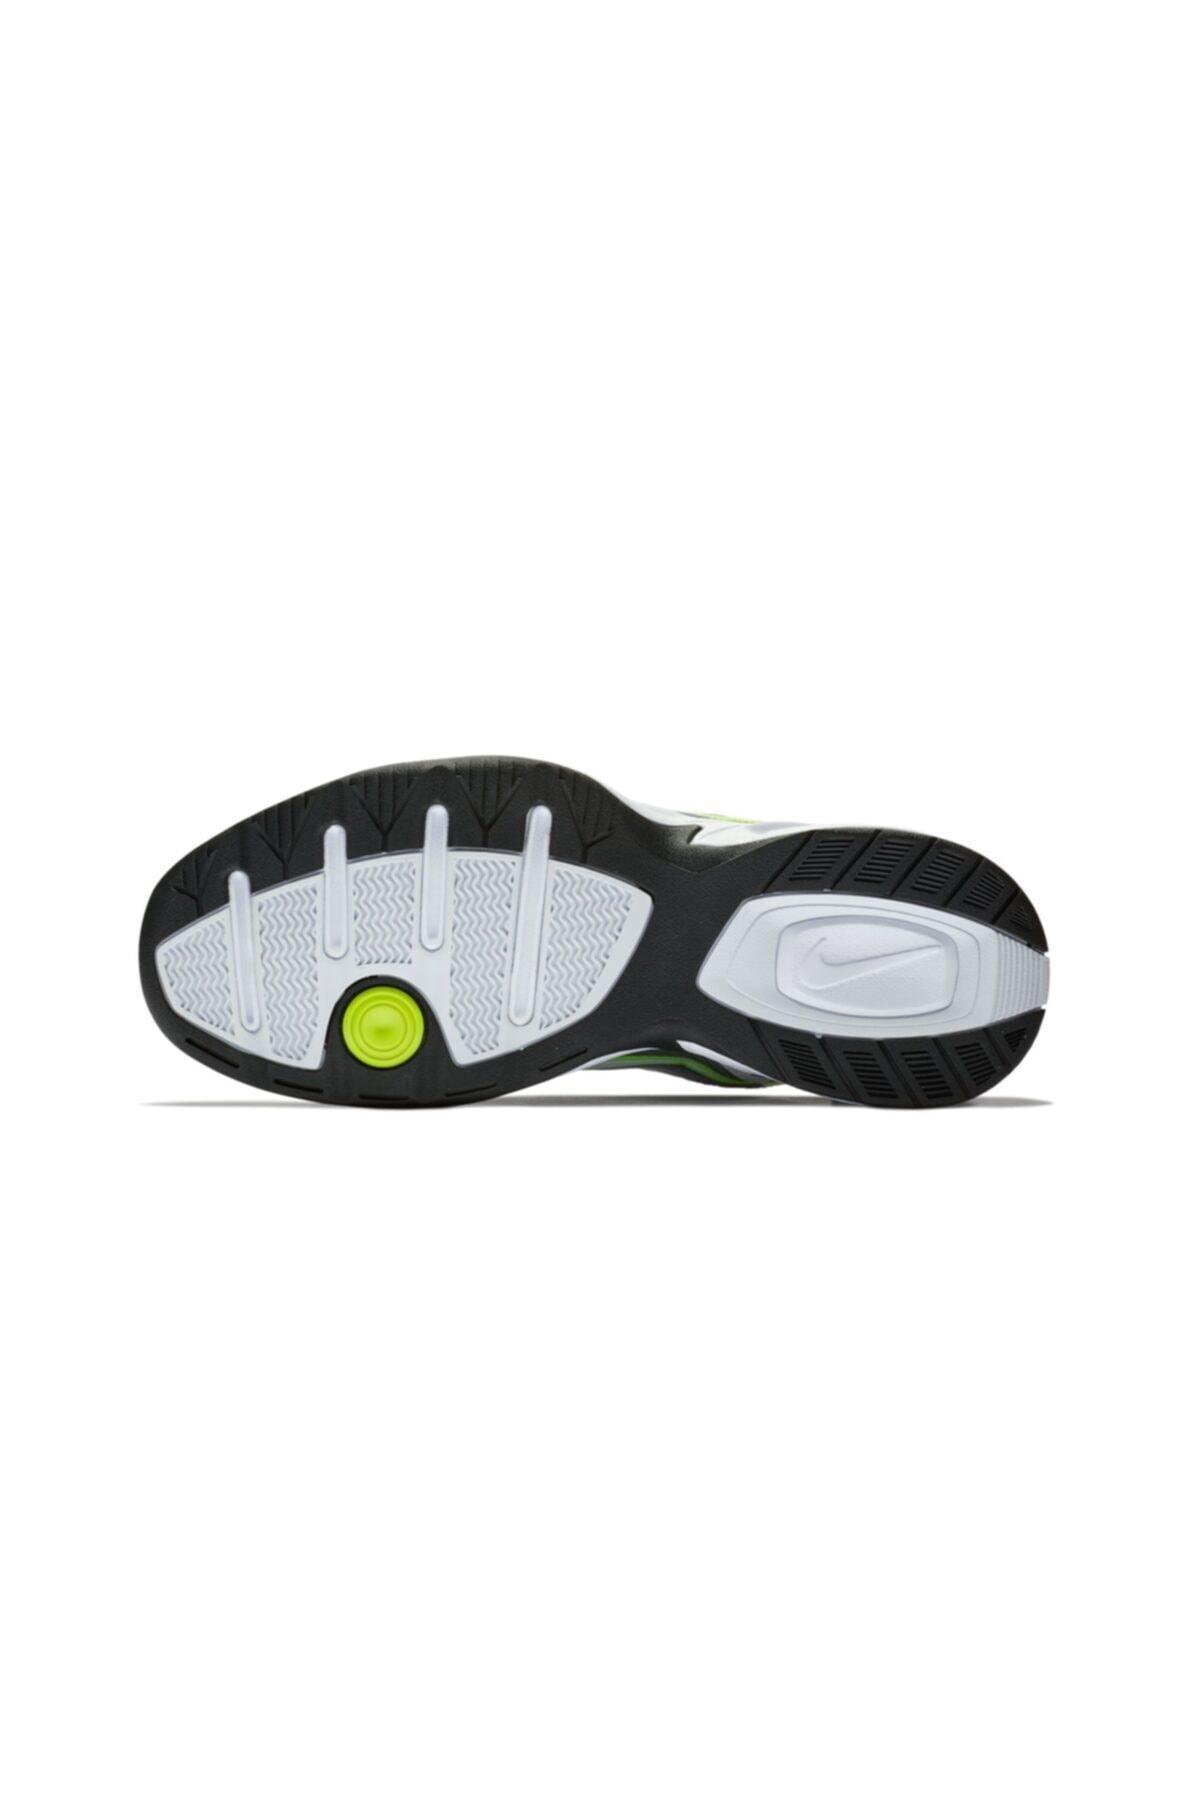 خرید انلاین کفش مخصوص دویدن مردانه خاص برند نایک کد ty4921937